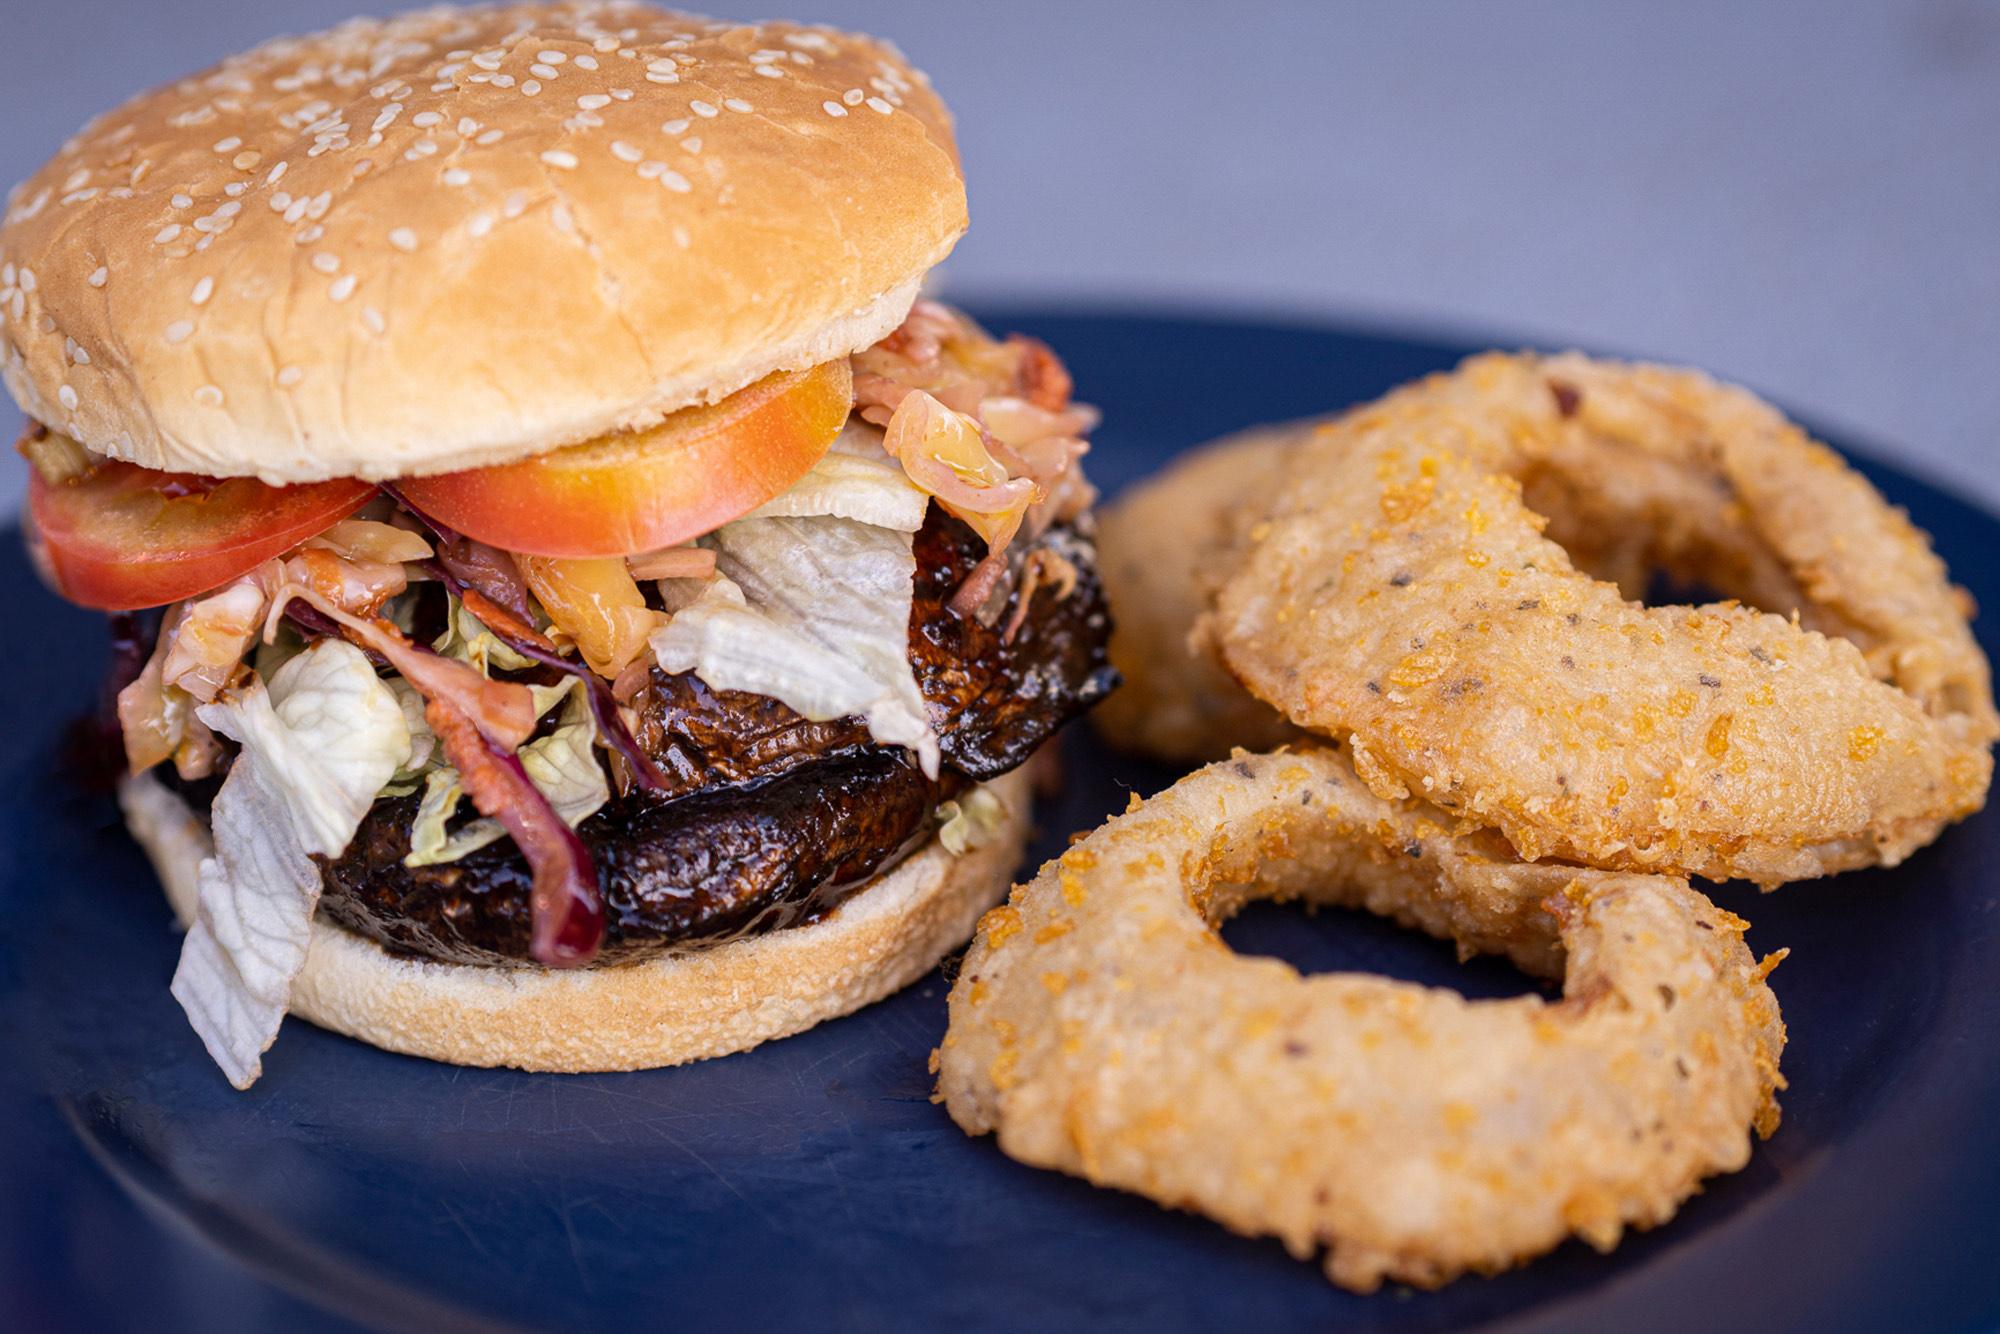 portobello-burger-onion-rings SEA SHEPHERD